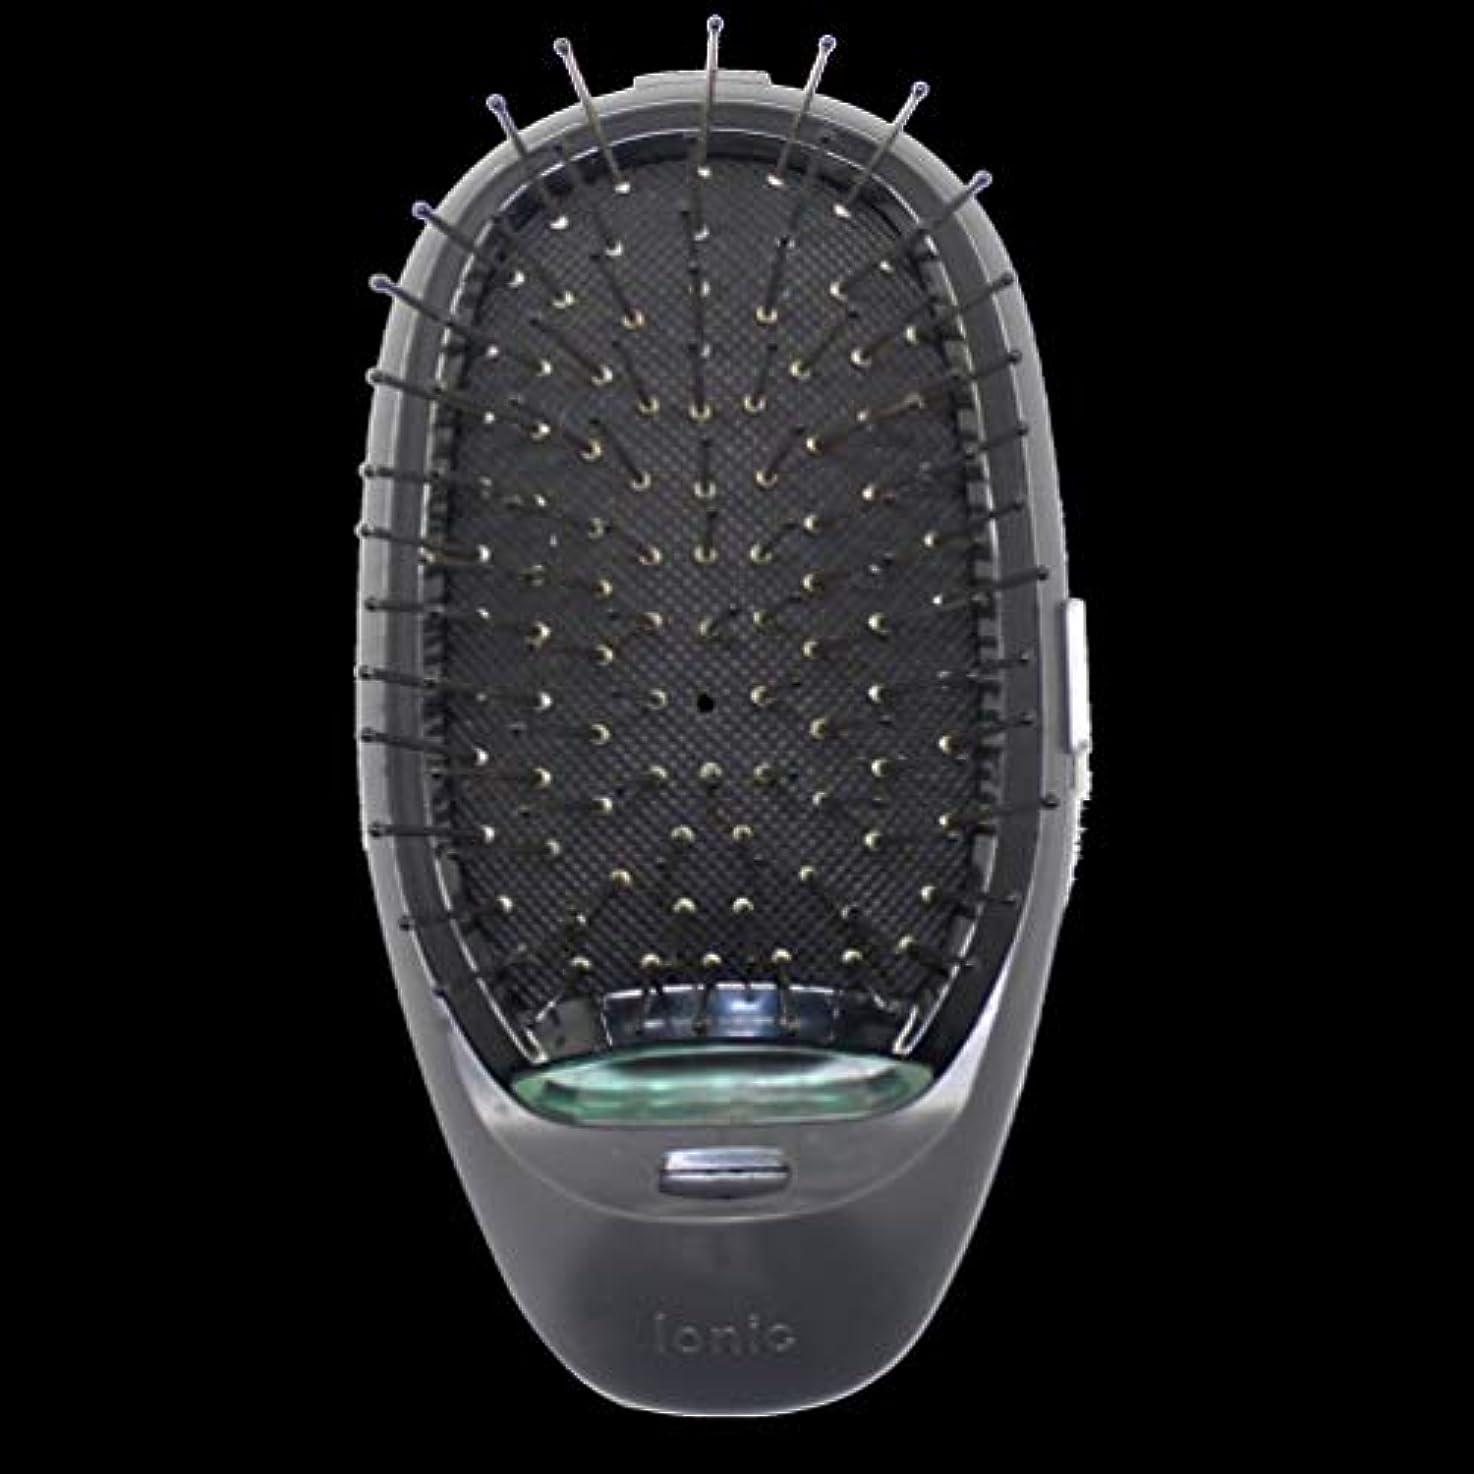 名義でパッド協会電動マッサージヘアブラシミニマイナスイオンヘアコム3Dインフレータブルコーム帯電防止ガールズヘアブラシ電池式 - ブラック